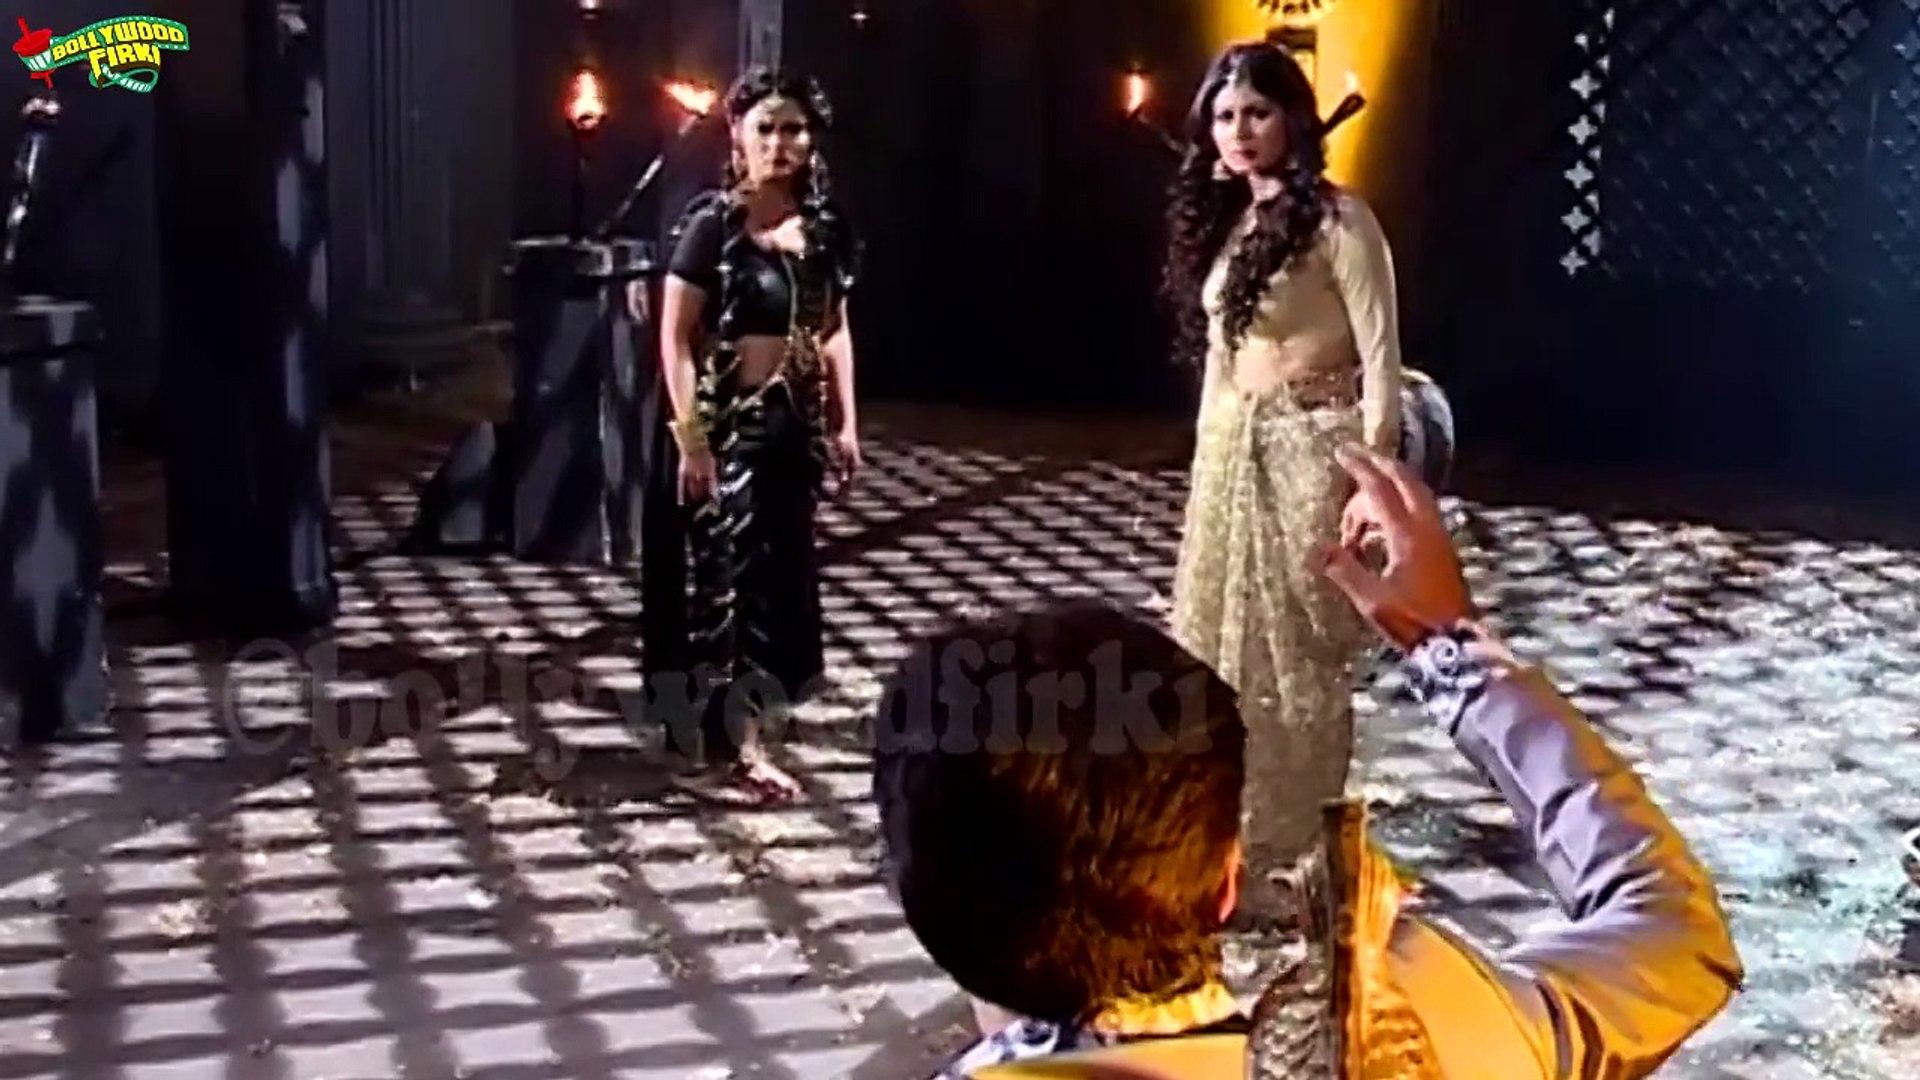 Naagin - Lord Shiv Spoil Shesha & Shivanya's Plan Killing Shailesh Mathur - नागिन